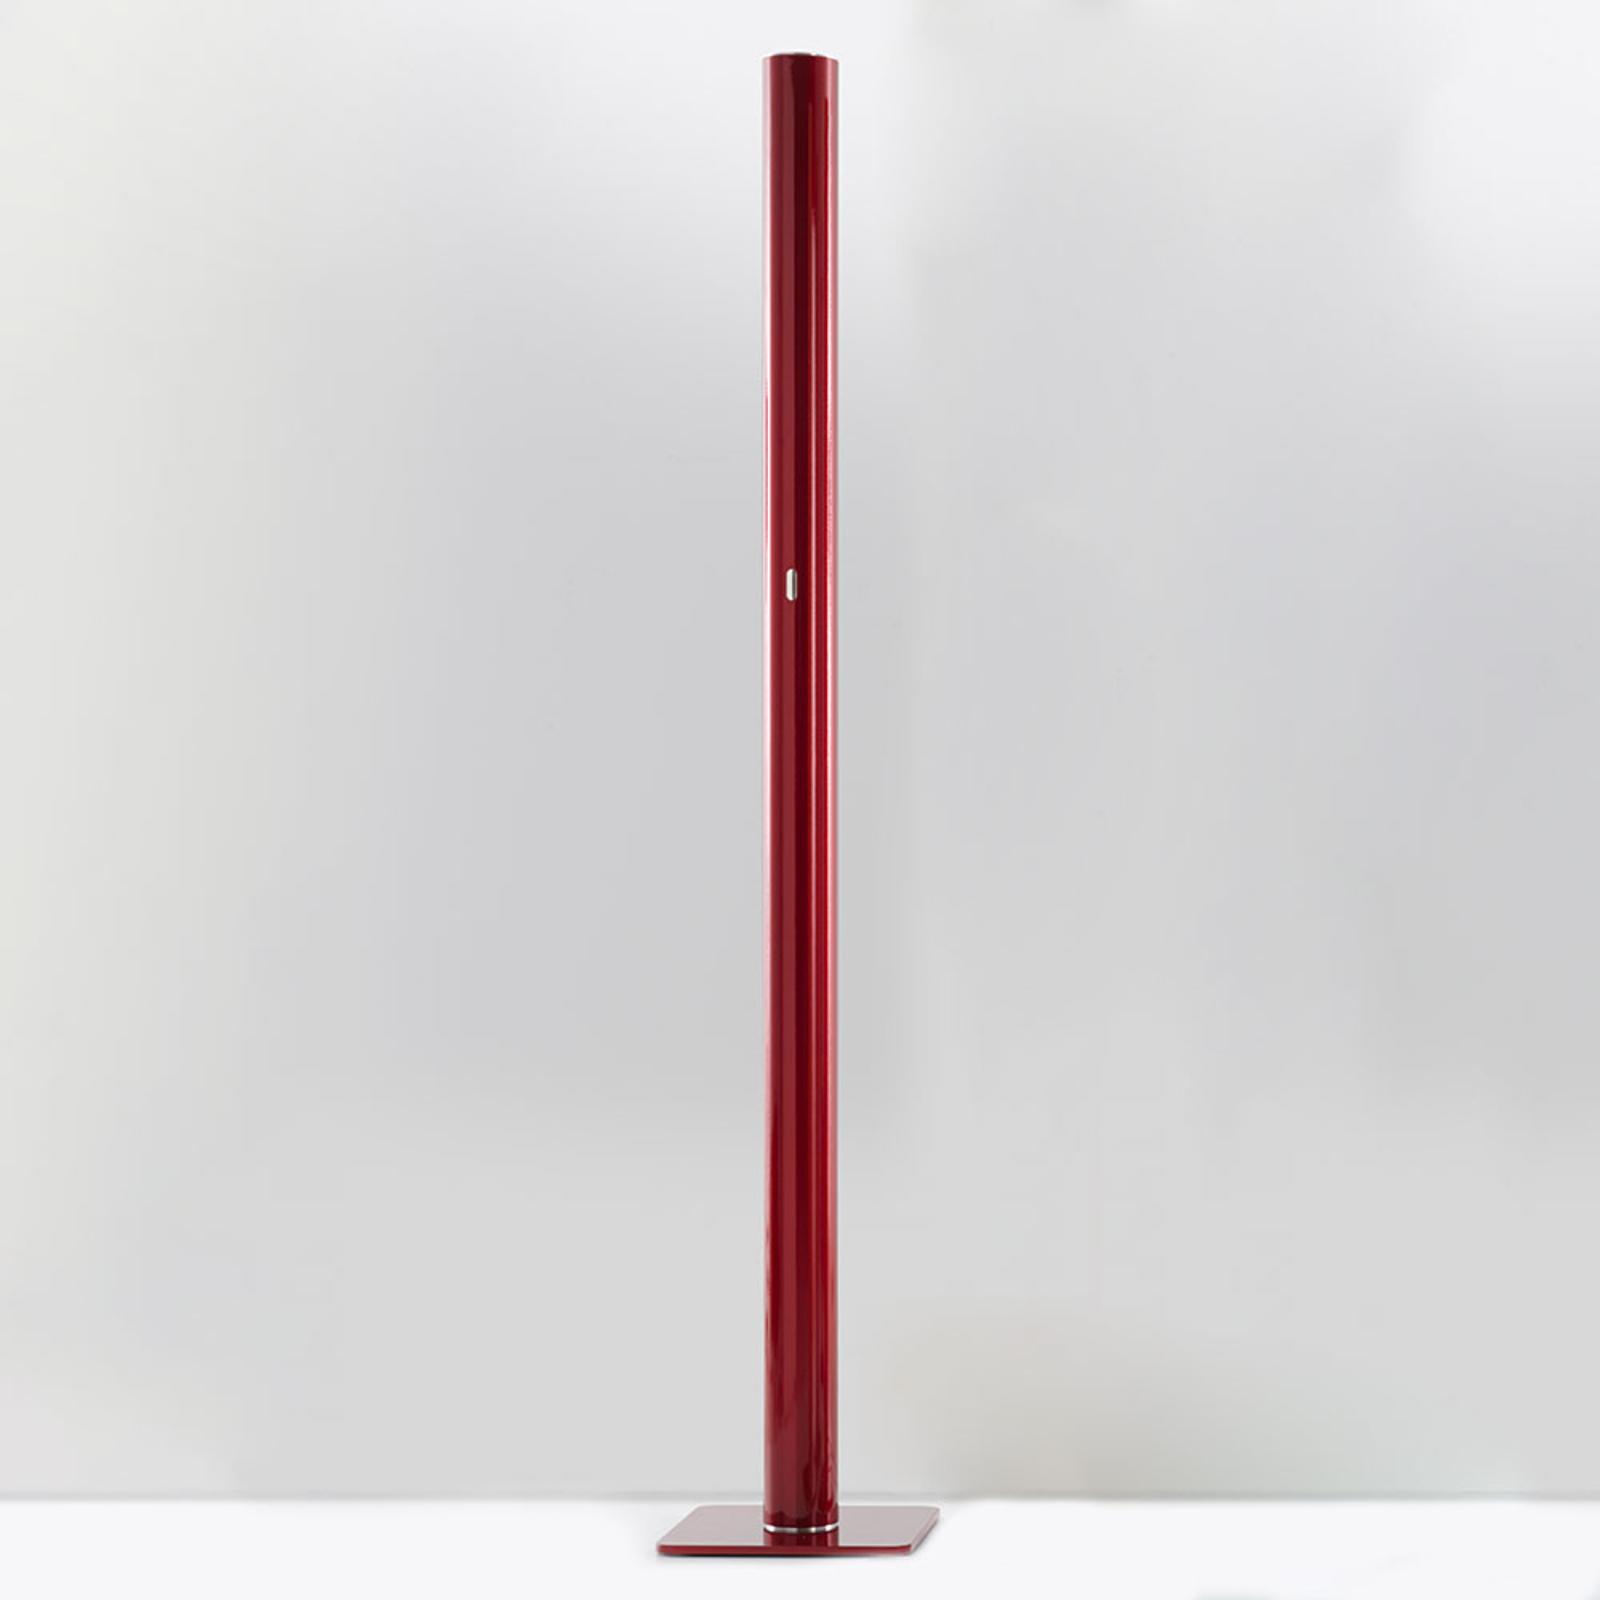 Artemide Ilio – LED-golvlampa, app, röd, 3000K